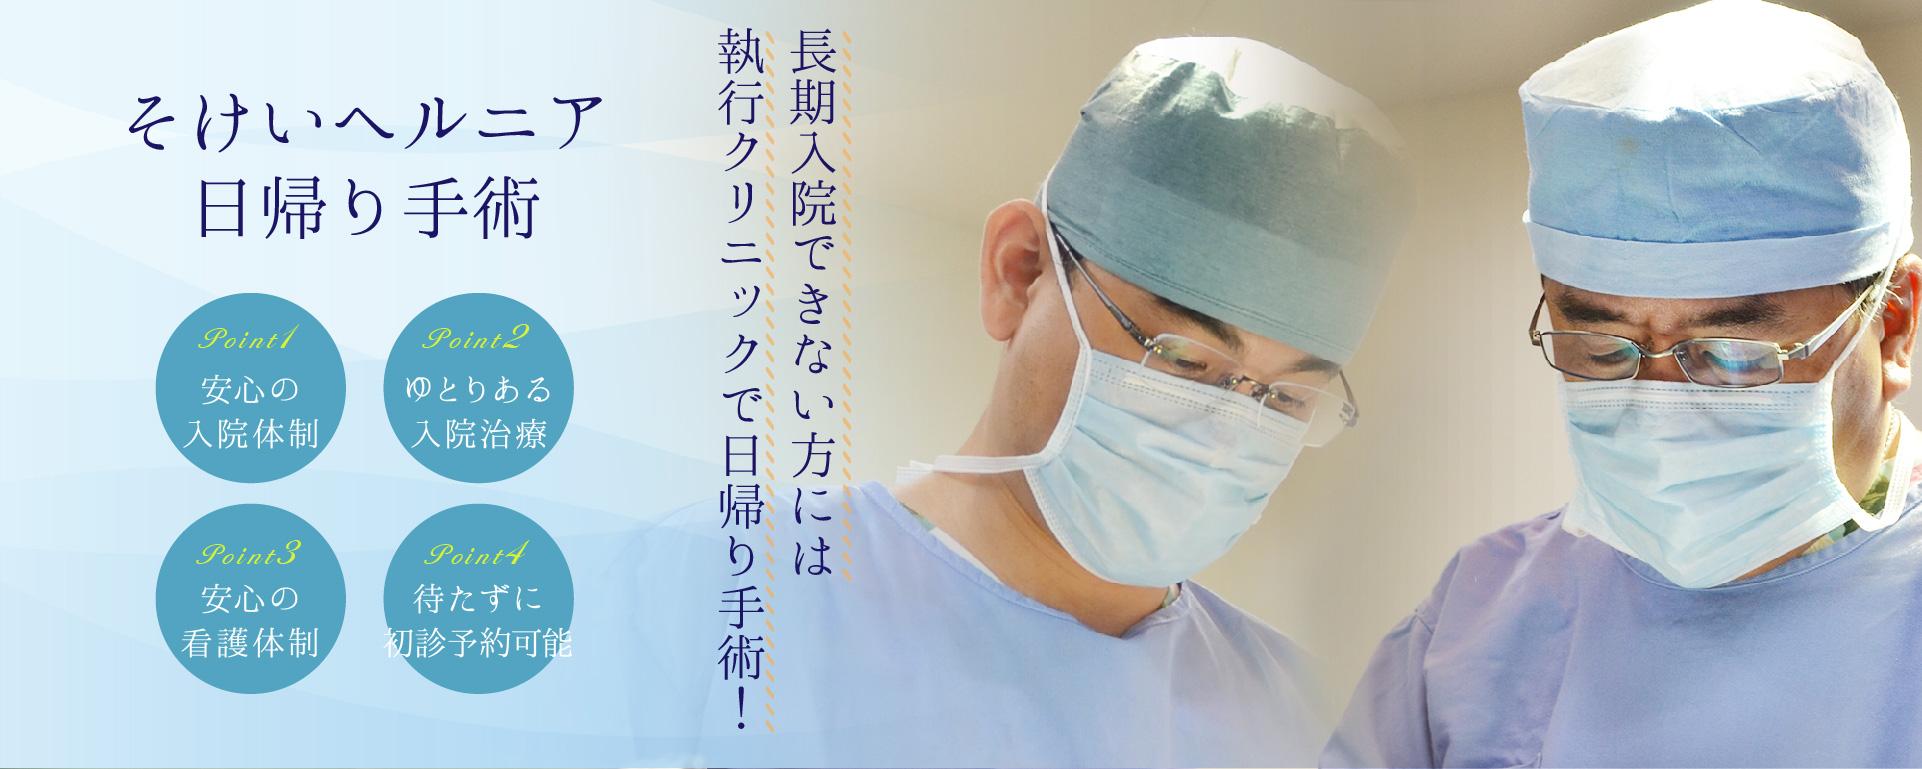 水腫 う 手術 の いん